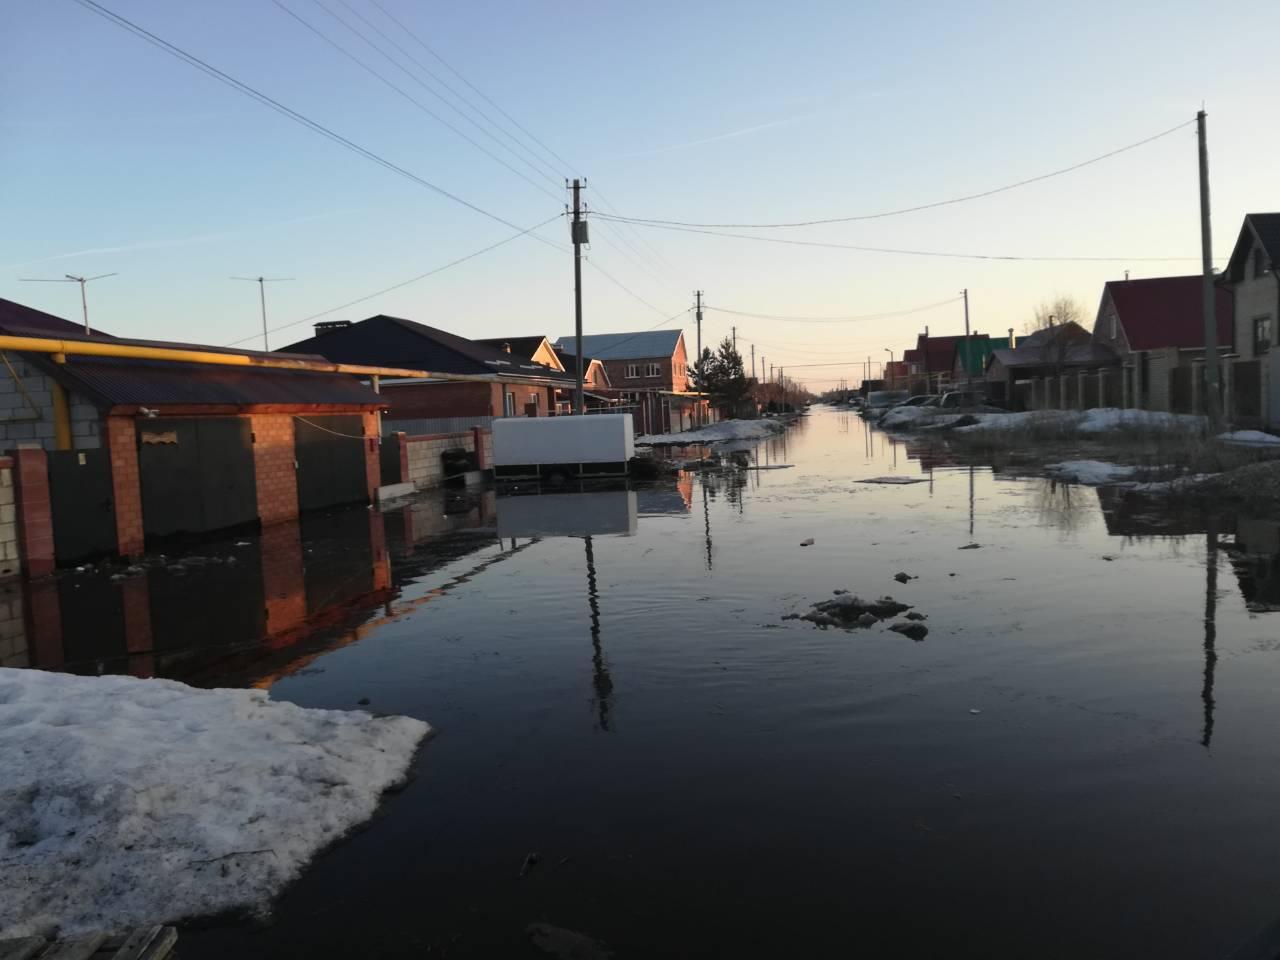 Тимофеевку спасут от потопа: Под Тольятти нерадивые коммерсанты засыпали земли снегом